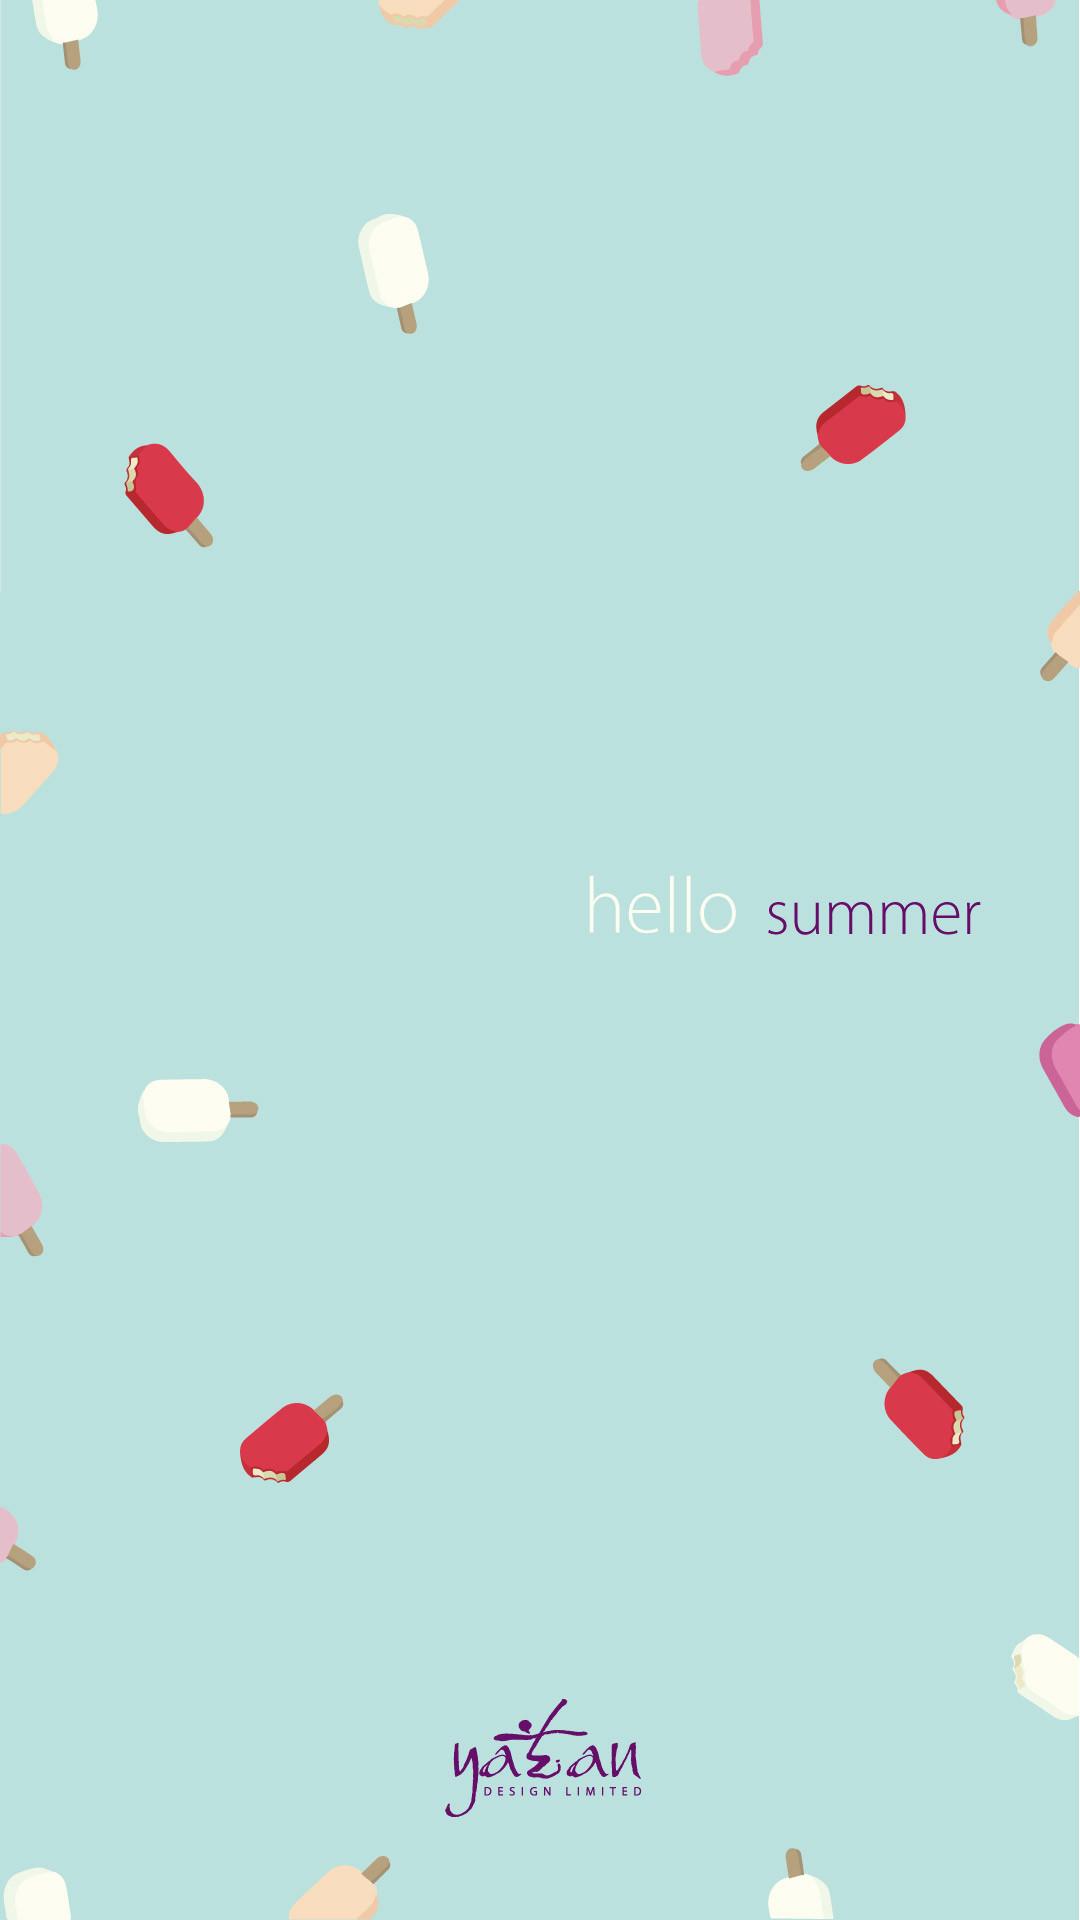 summer. iPhone 6 Plus/iPhone 5S iPhone …